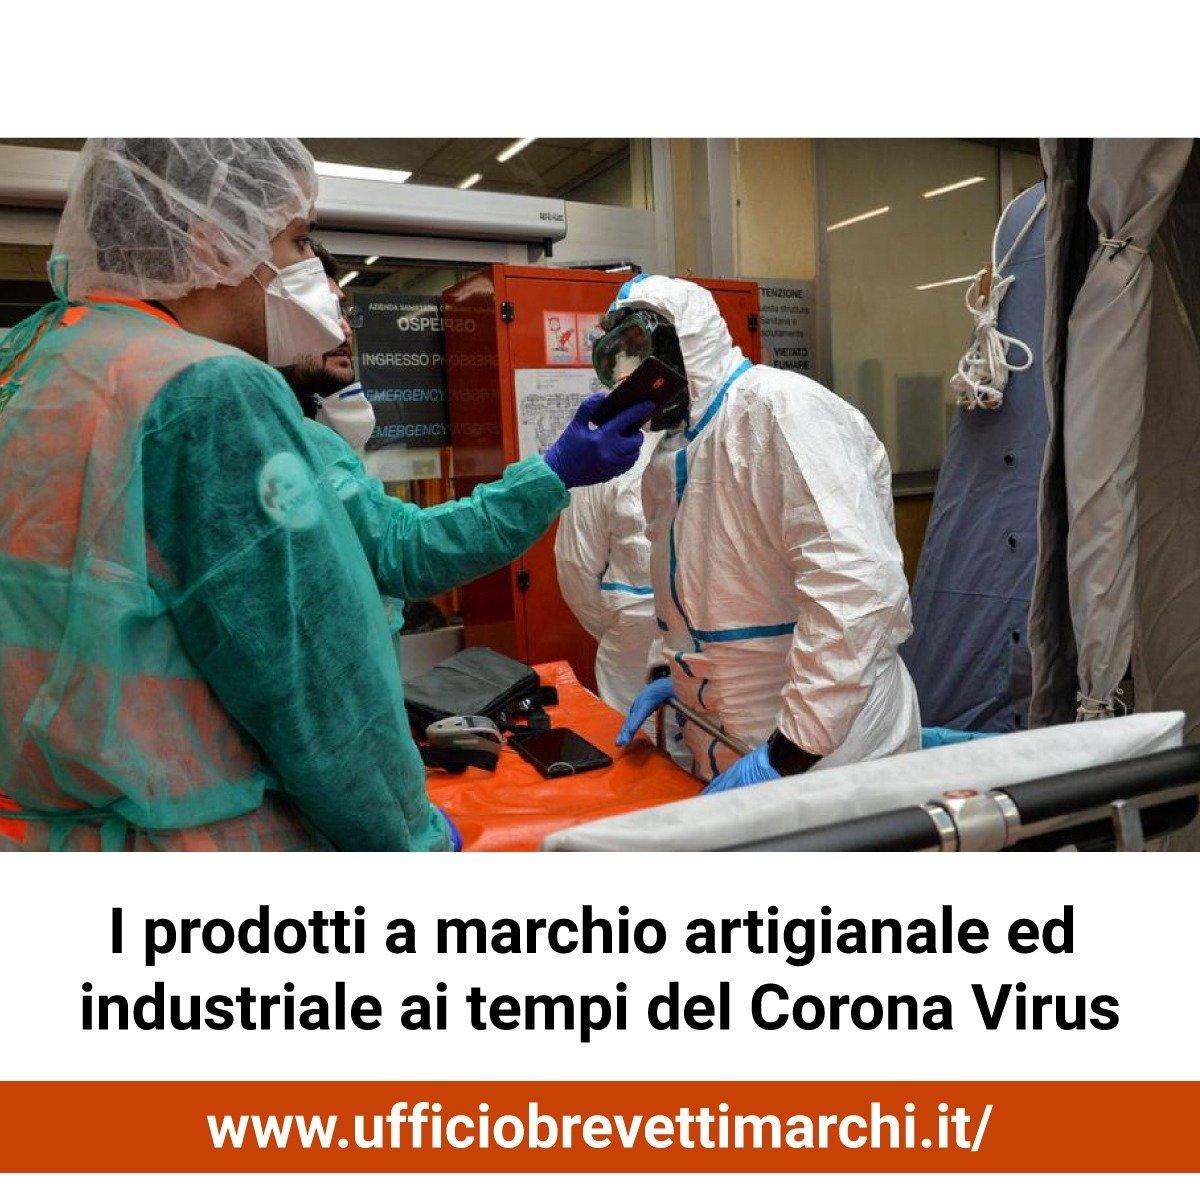 I-prodotti-a-marchio-artigianale-ed-industriale-ai-tempi-del-Corona-Virus